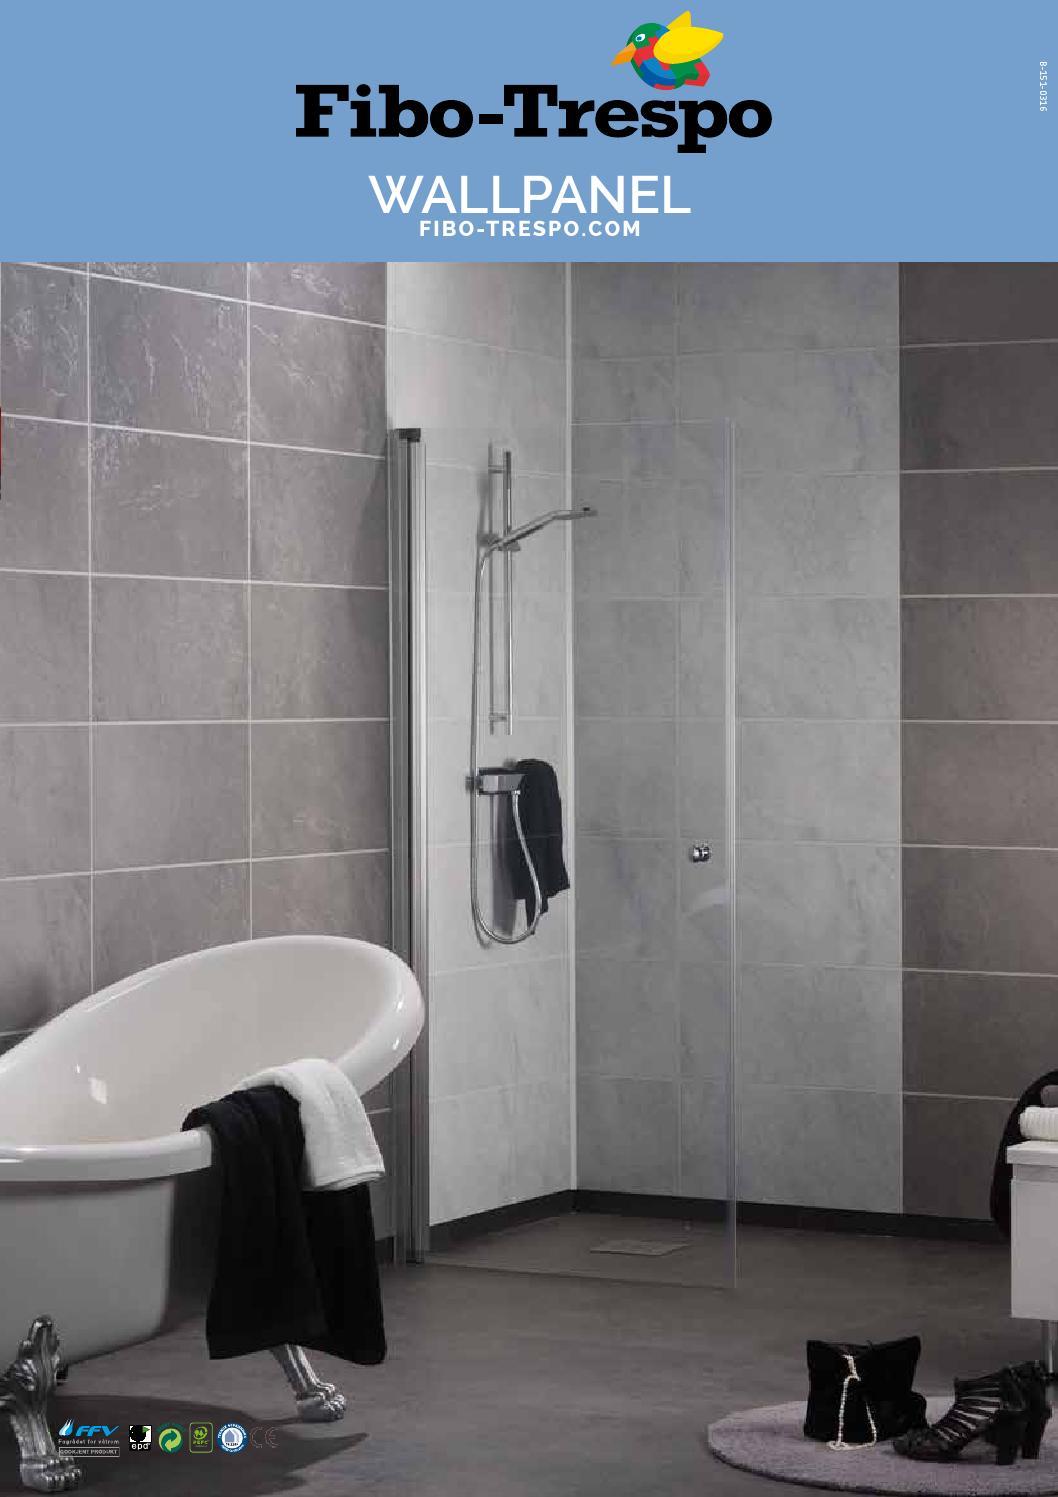 Fibo Trespo I Koket : B151 ftwallpanel 0316 lq by FiboTrespocom  issuu